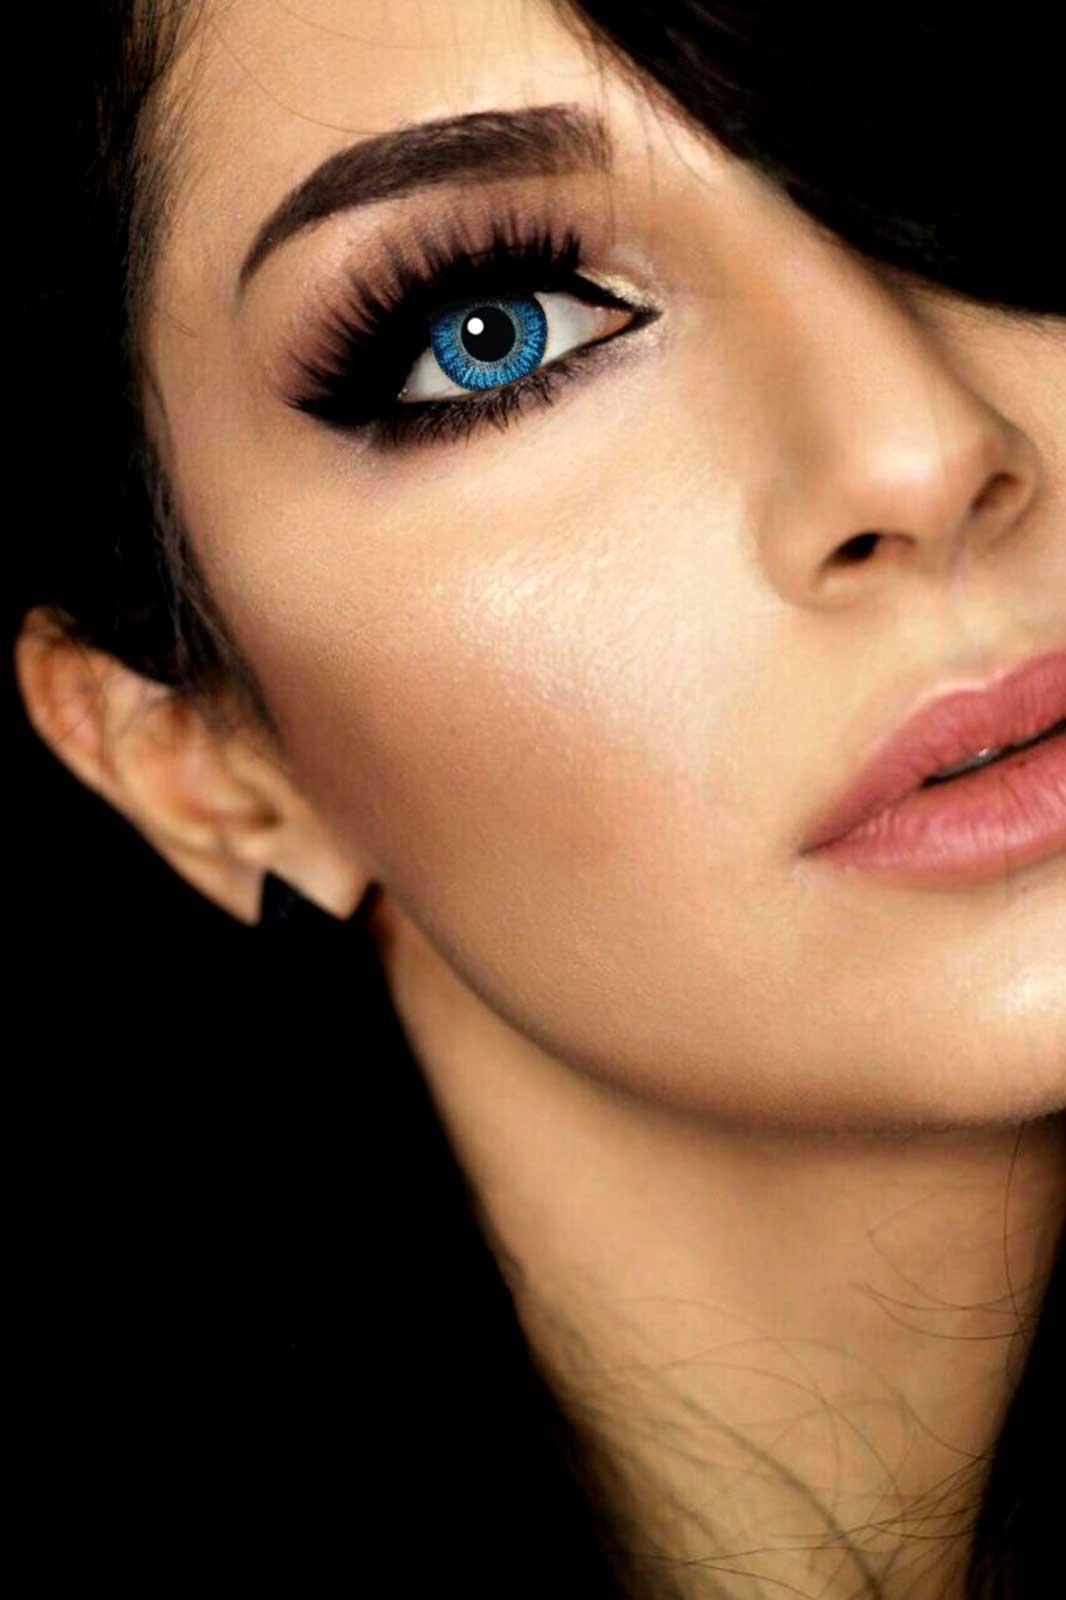 mesmer eyes lenses 3 month sapphire blue